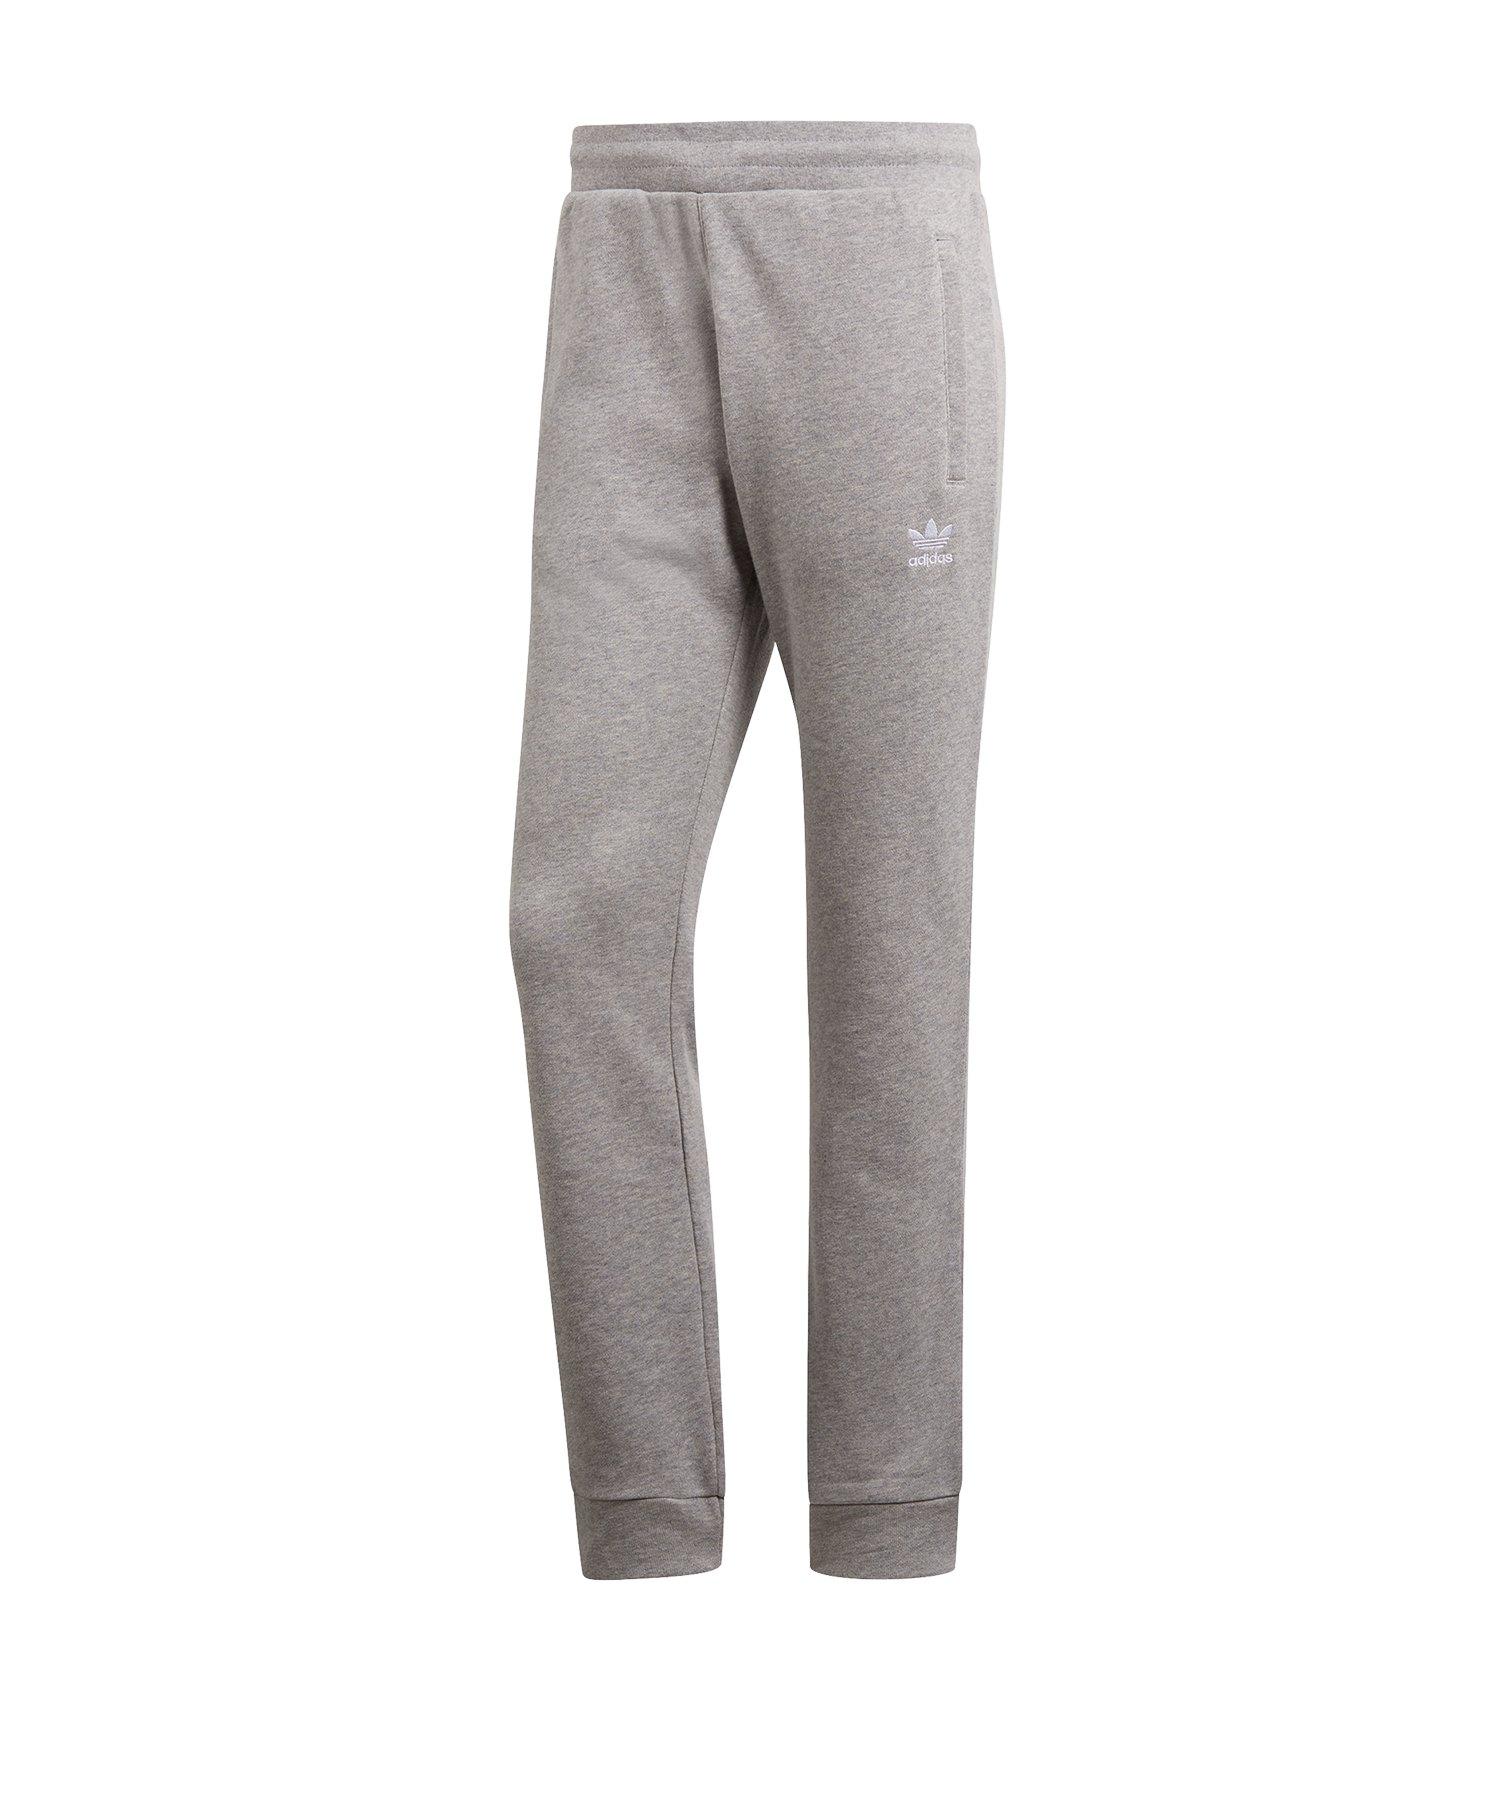 adidas Originals Trefoil Jogginghose Grau